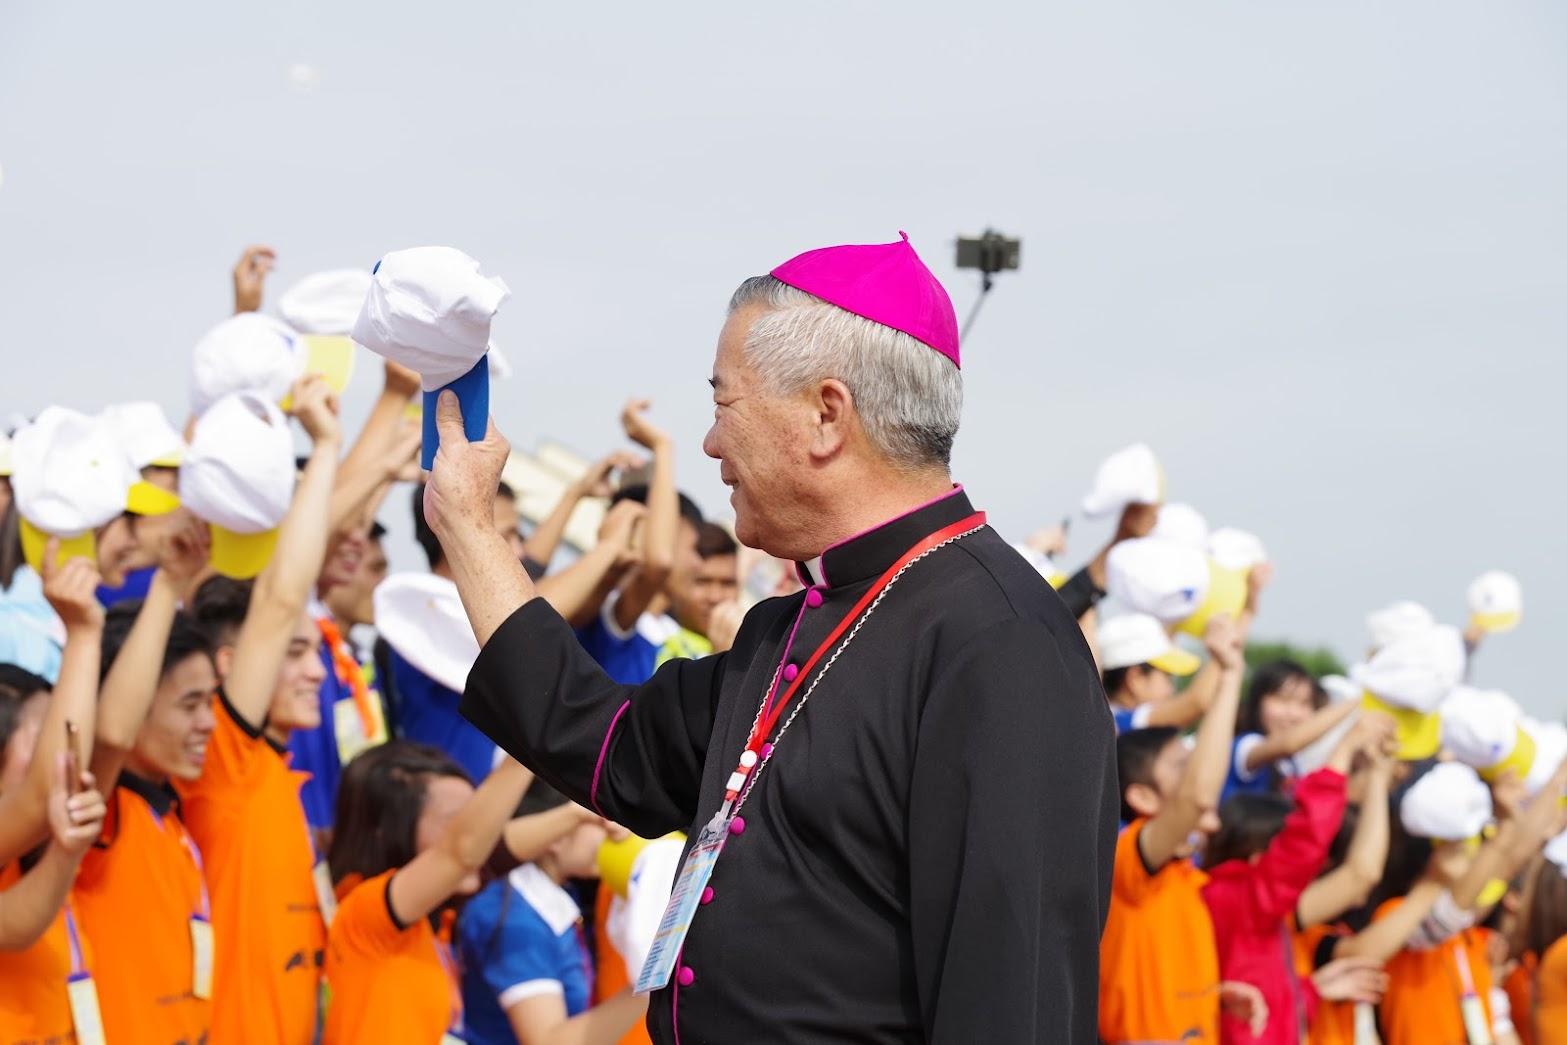 Những hình ảnh đẹp về lễ khai mạc Đại Hội Giới Trẻ giáo tỉnh Hà Nội lần thứ XV tại Thanh Hóa - Ảnh minh hoạ 14